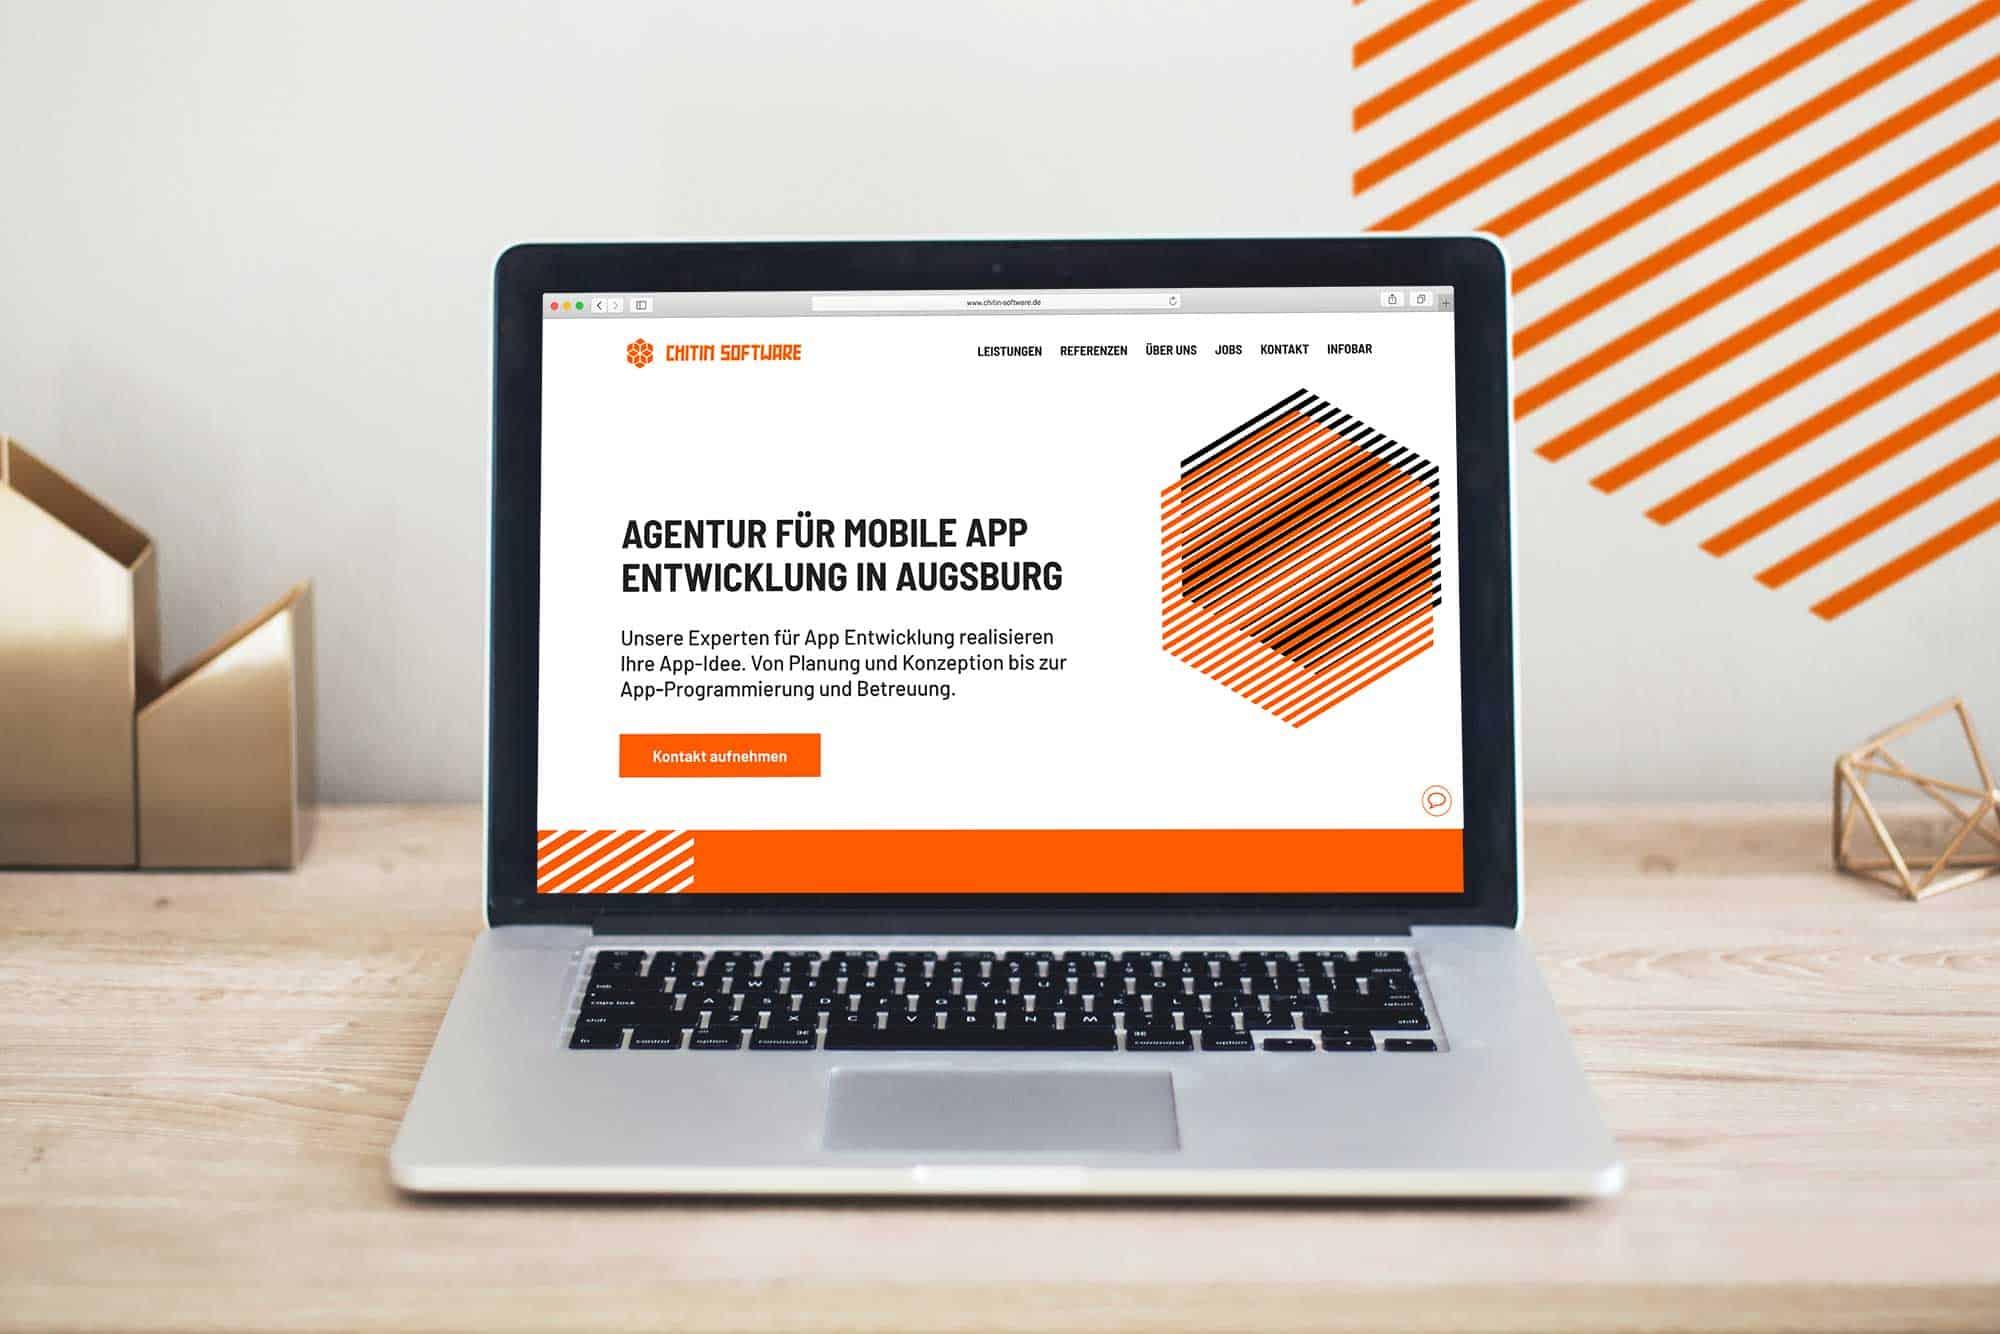 chitin_webdesign